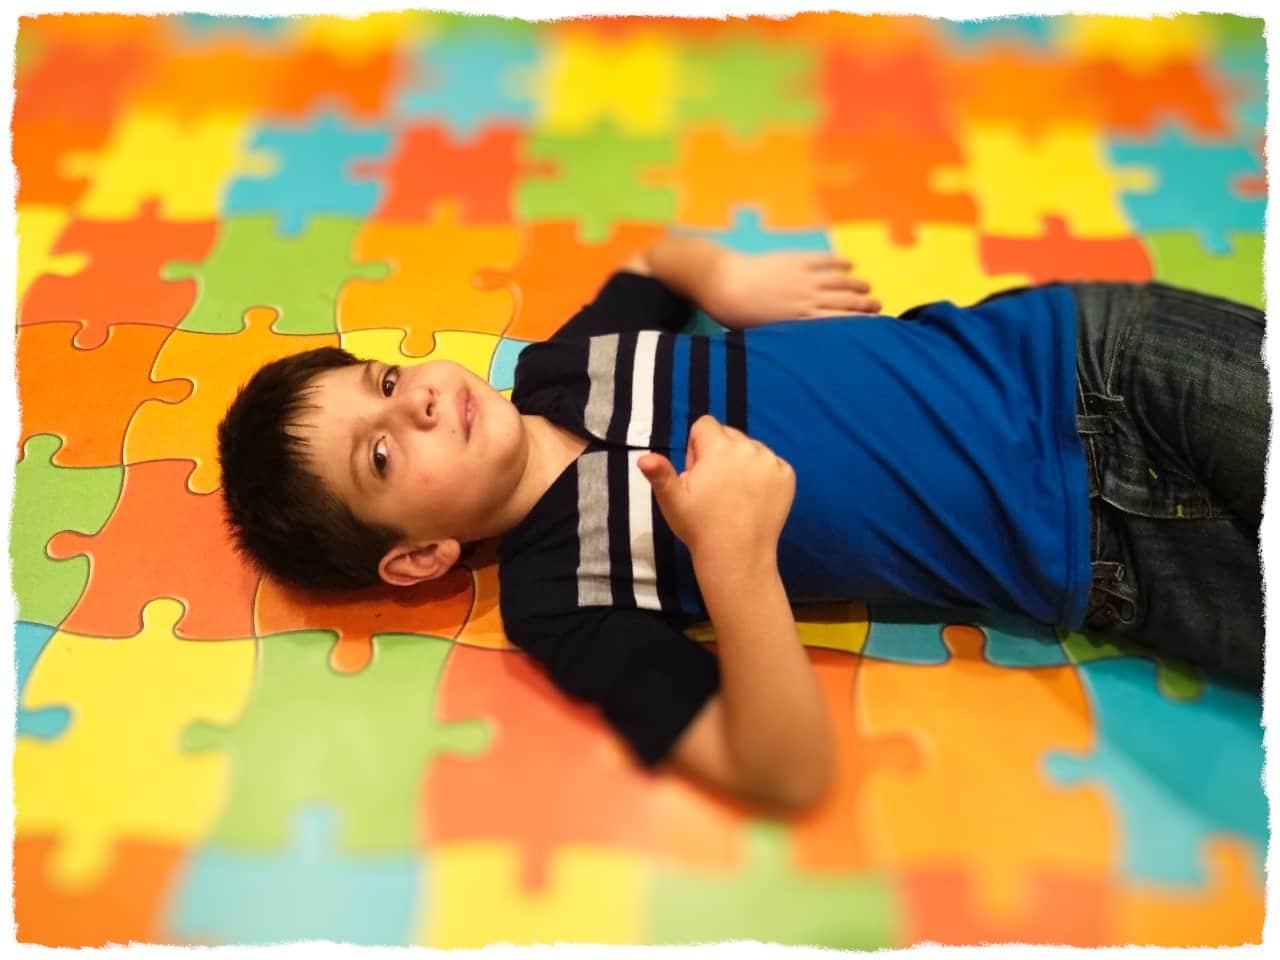 autismo legal home - Nossa história...